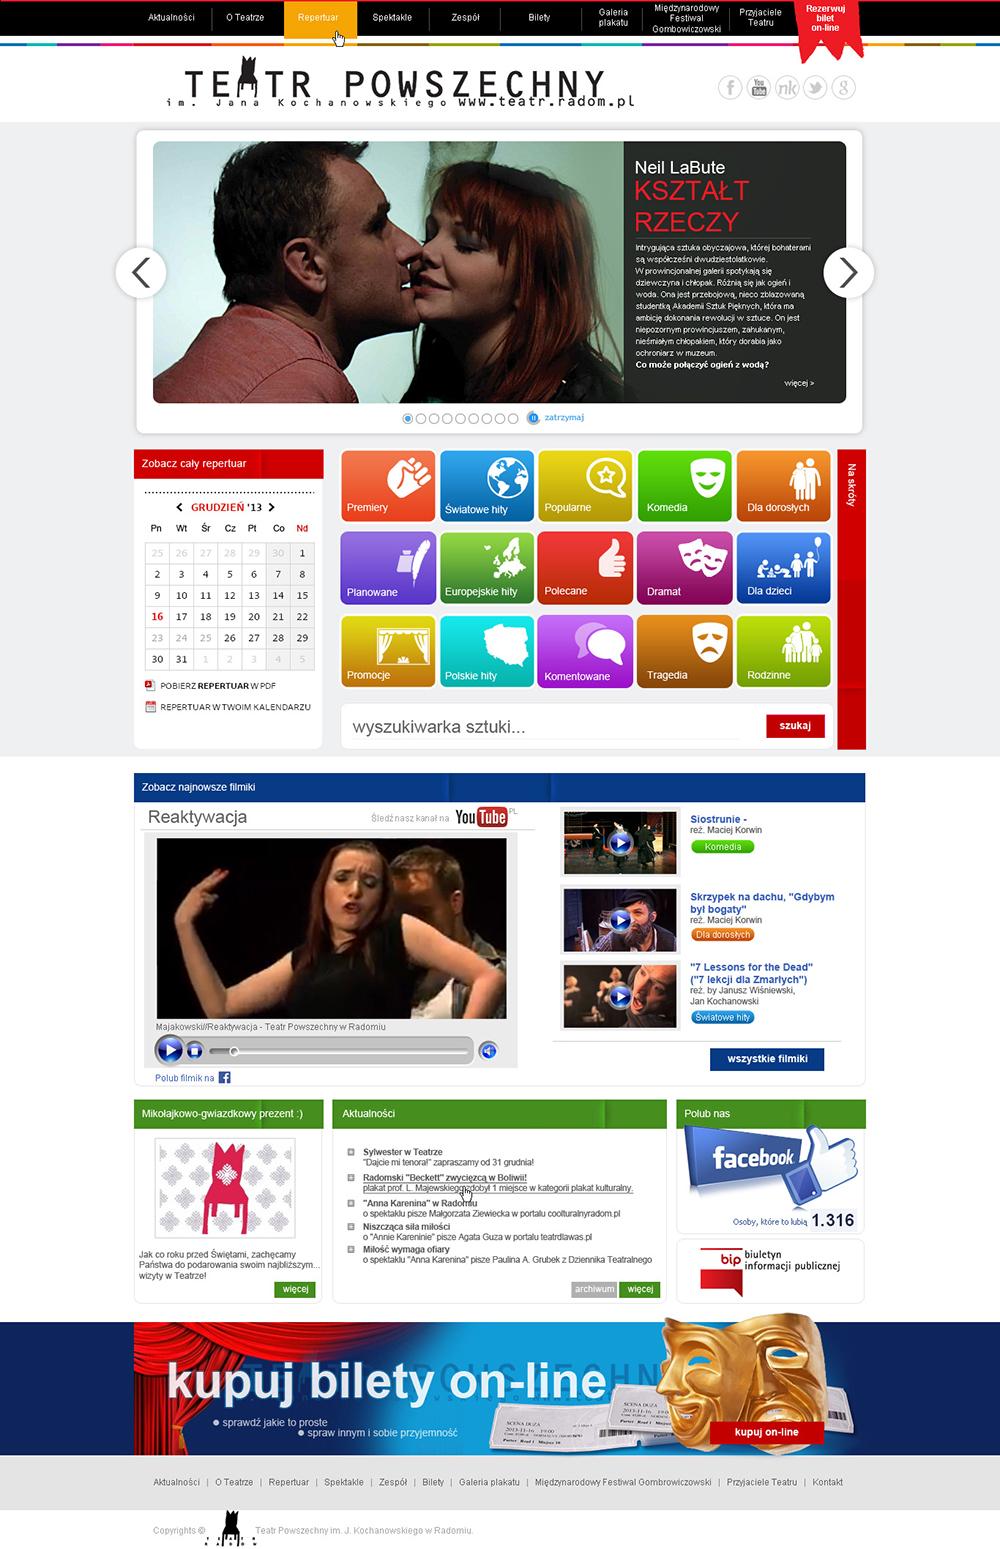 rostar - strony sklepy internetowe - teatr-powszechny